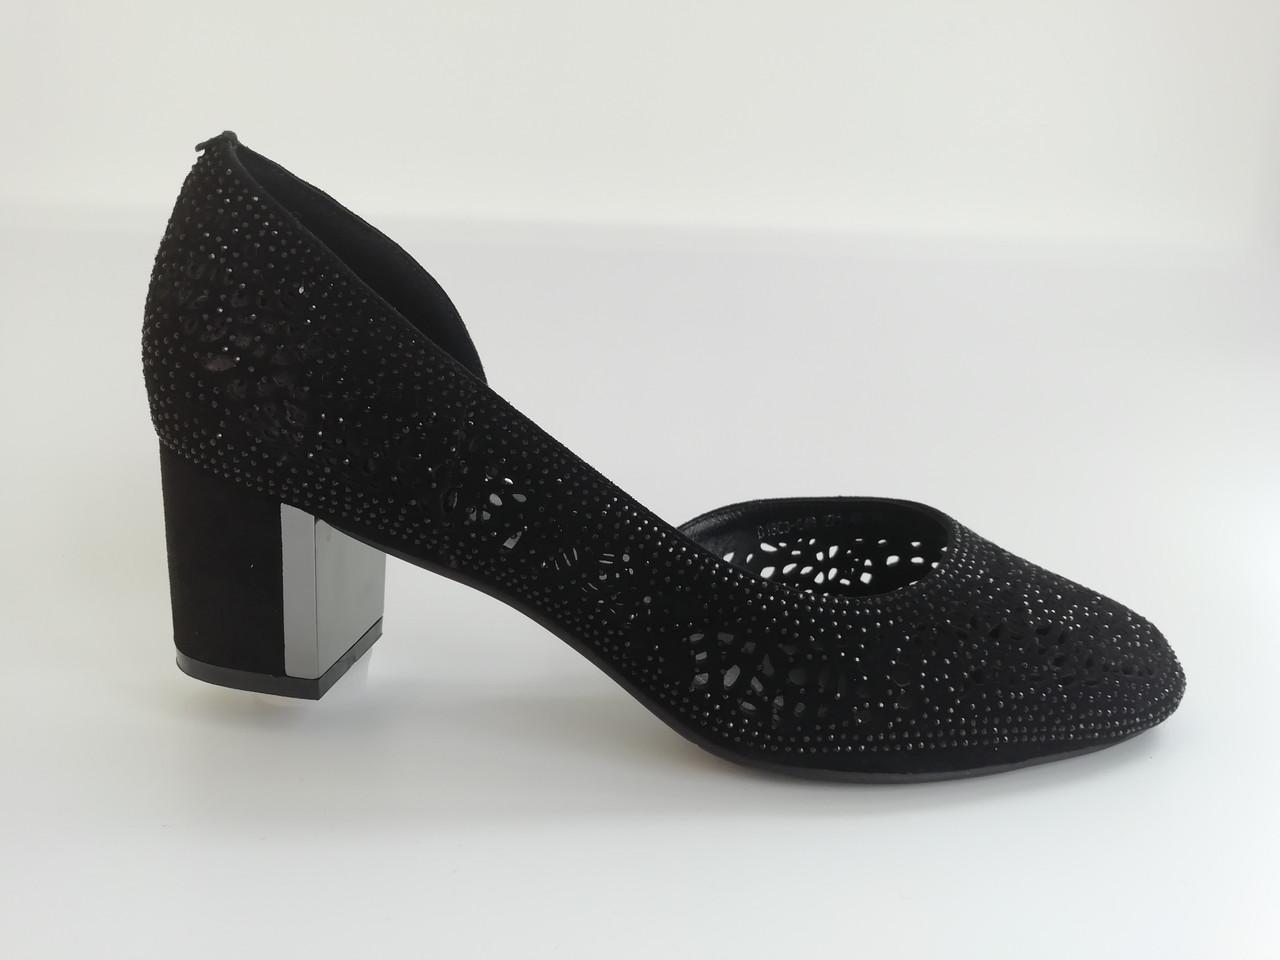 Летние замшевые туфли с перфорацией. Большие размеры ( 41 - 43 ).